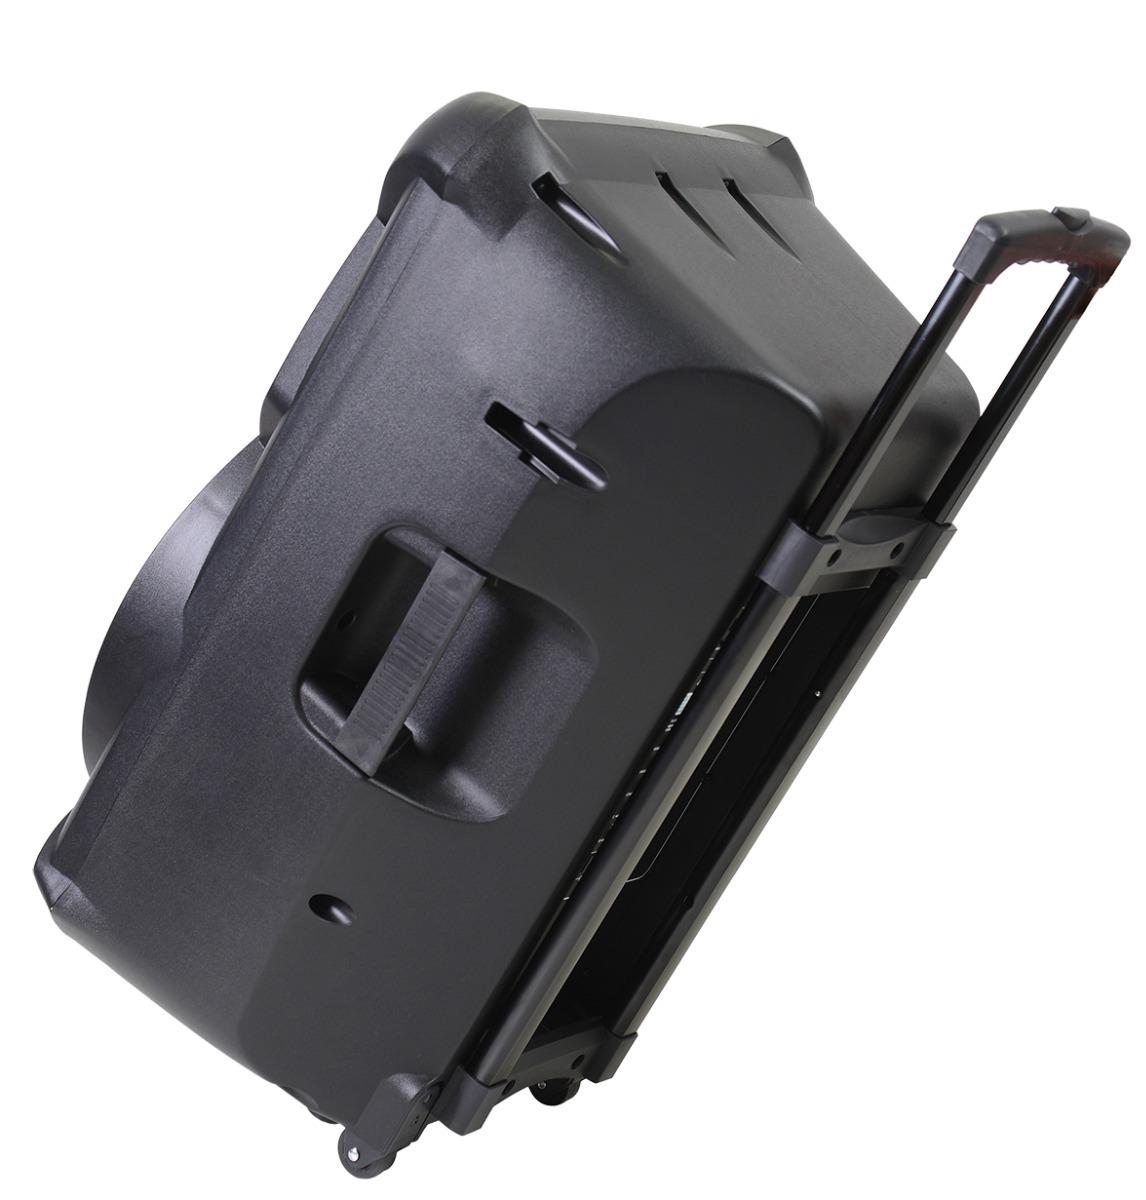 Caixa Amplificada BTU-650 - Bateria e Bluetooth - Bootes